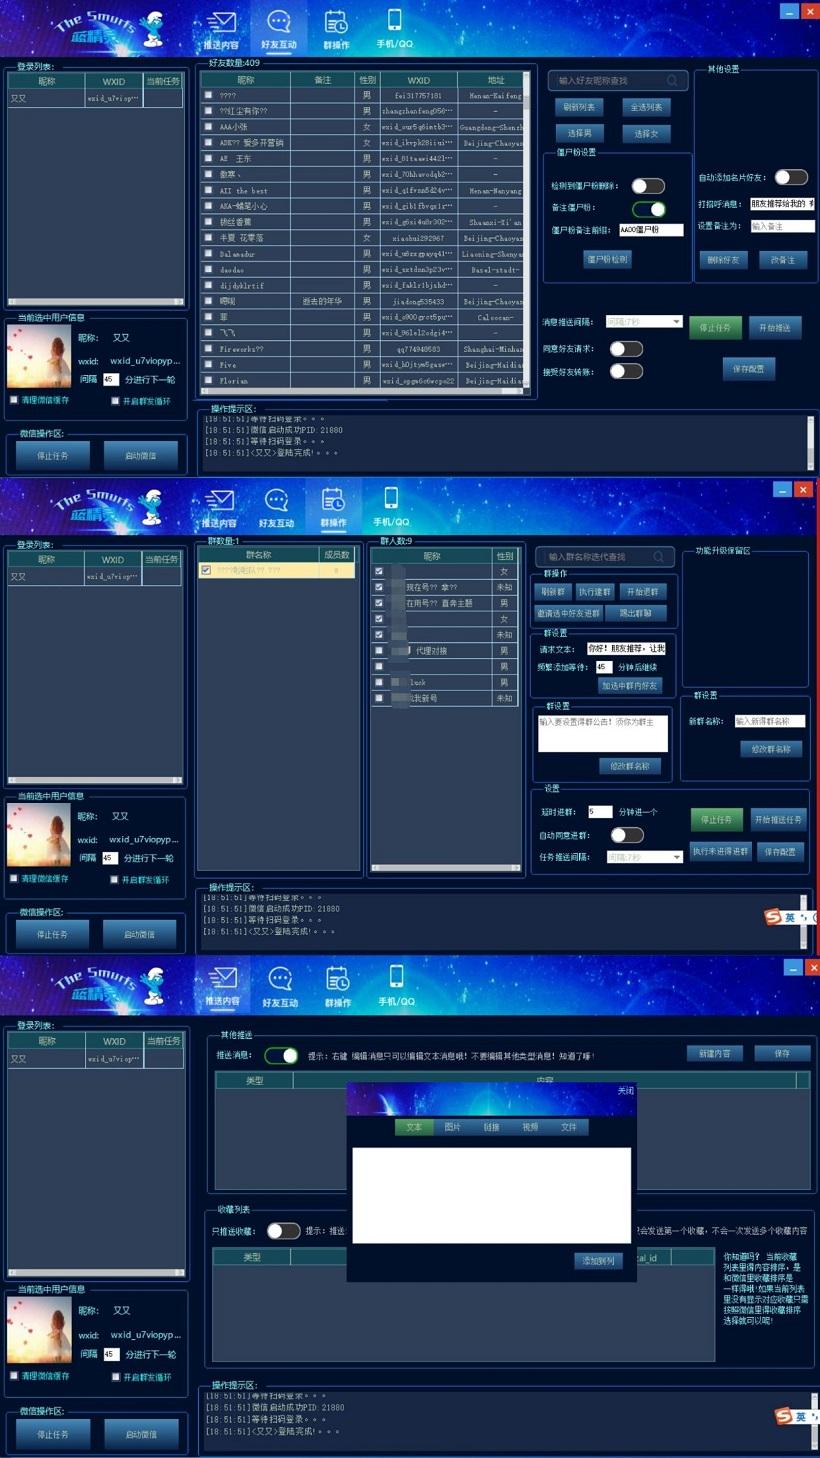 【蓝精灵极速版】高端电脑版微信多开手机号检测 爆粉群发激活码授权